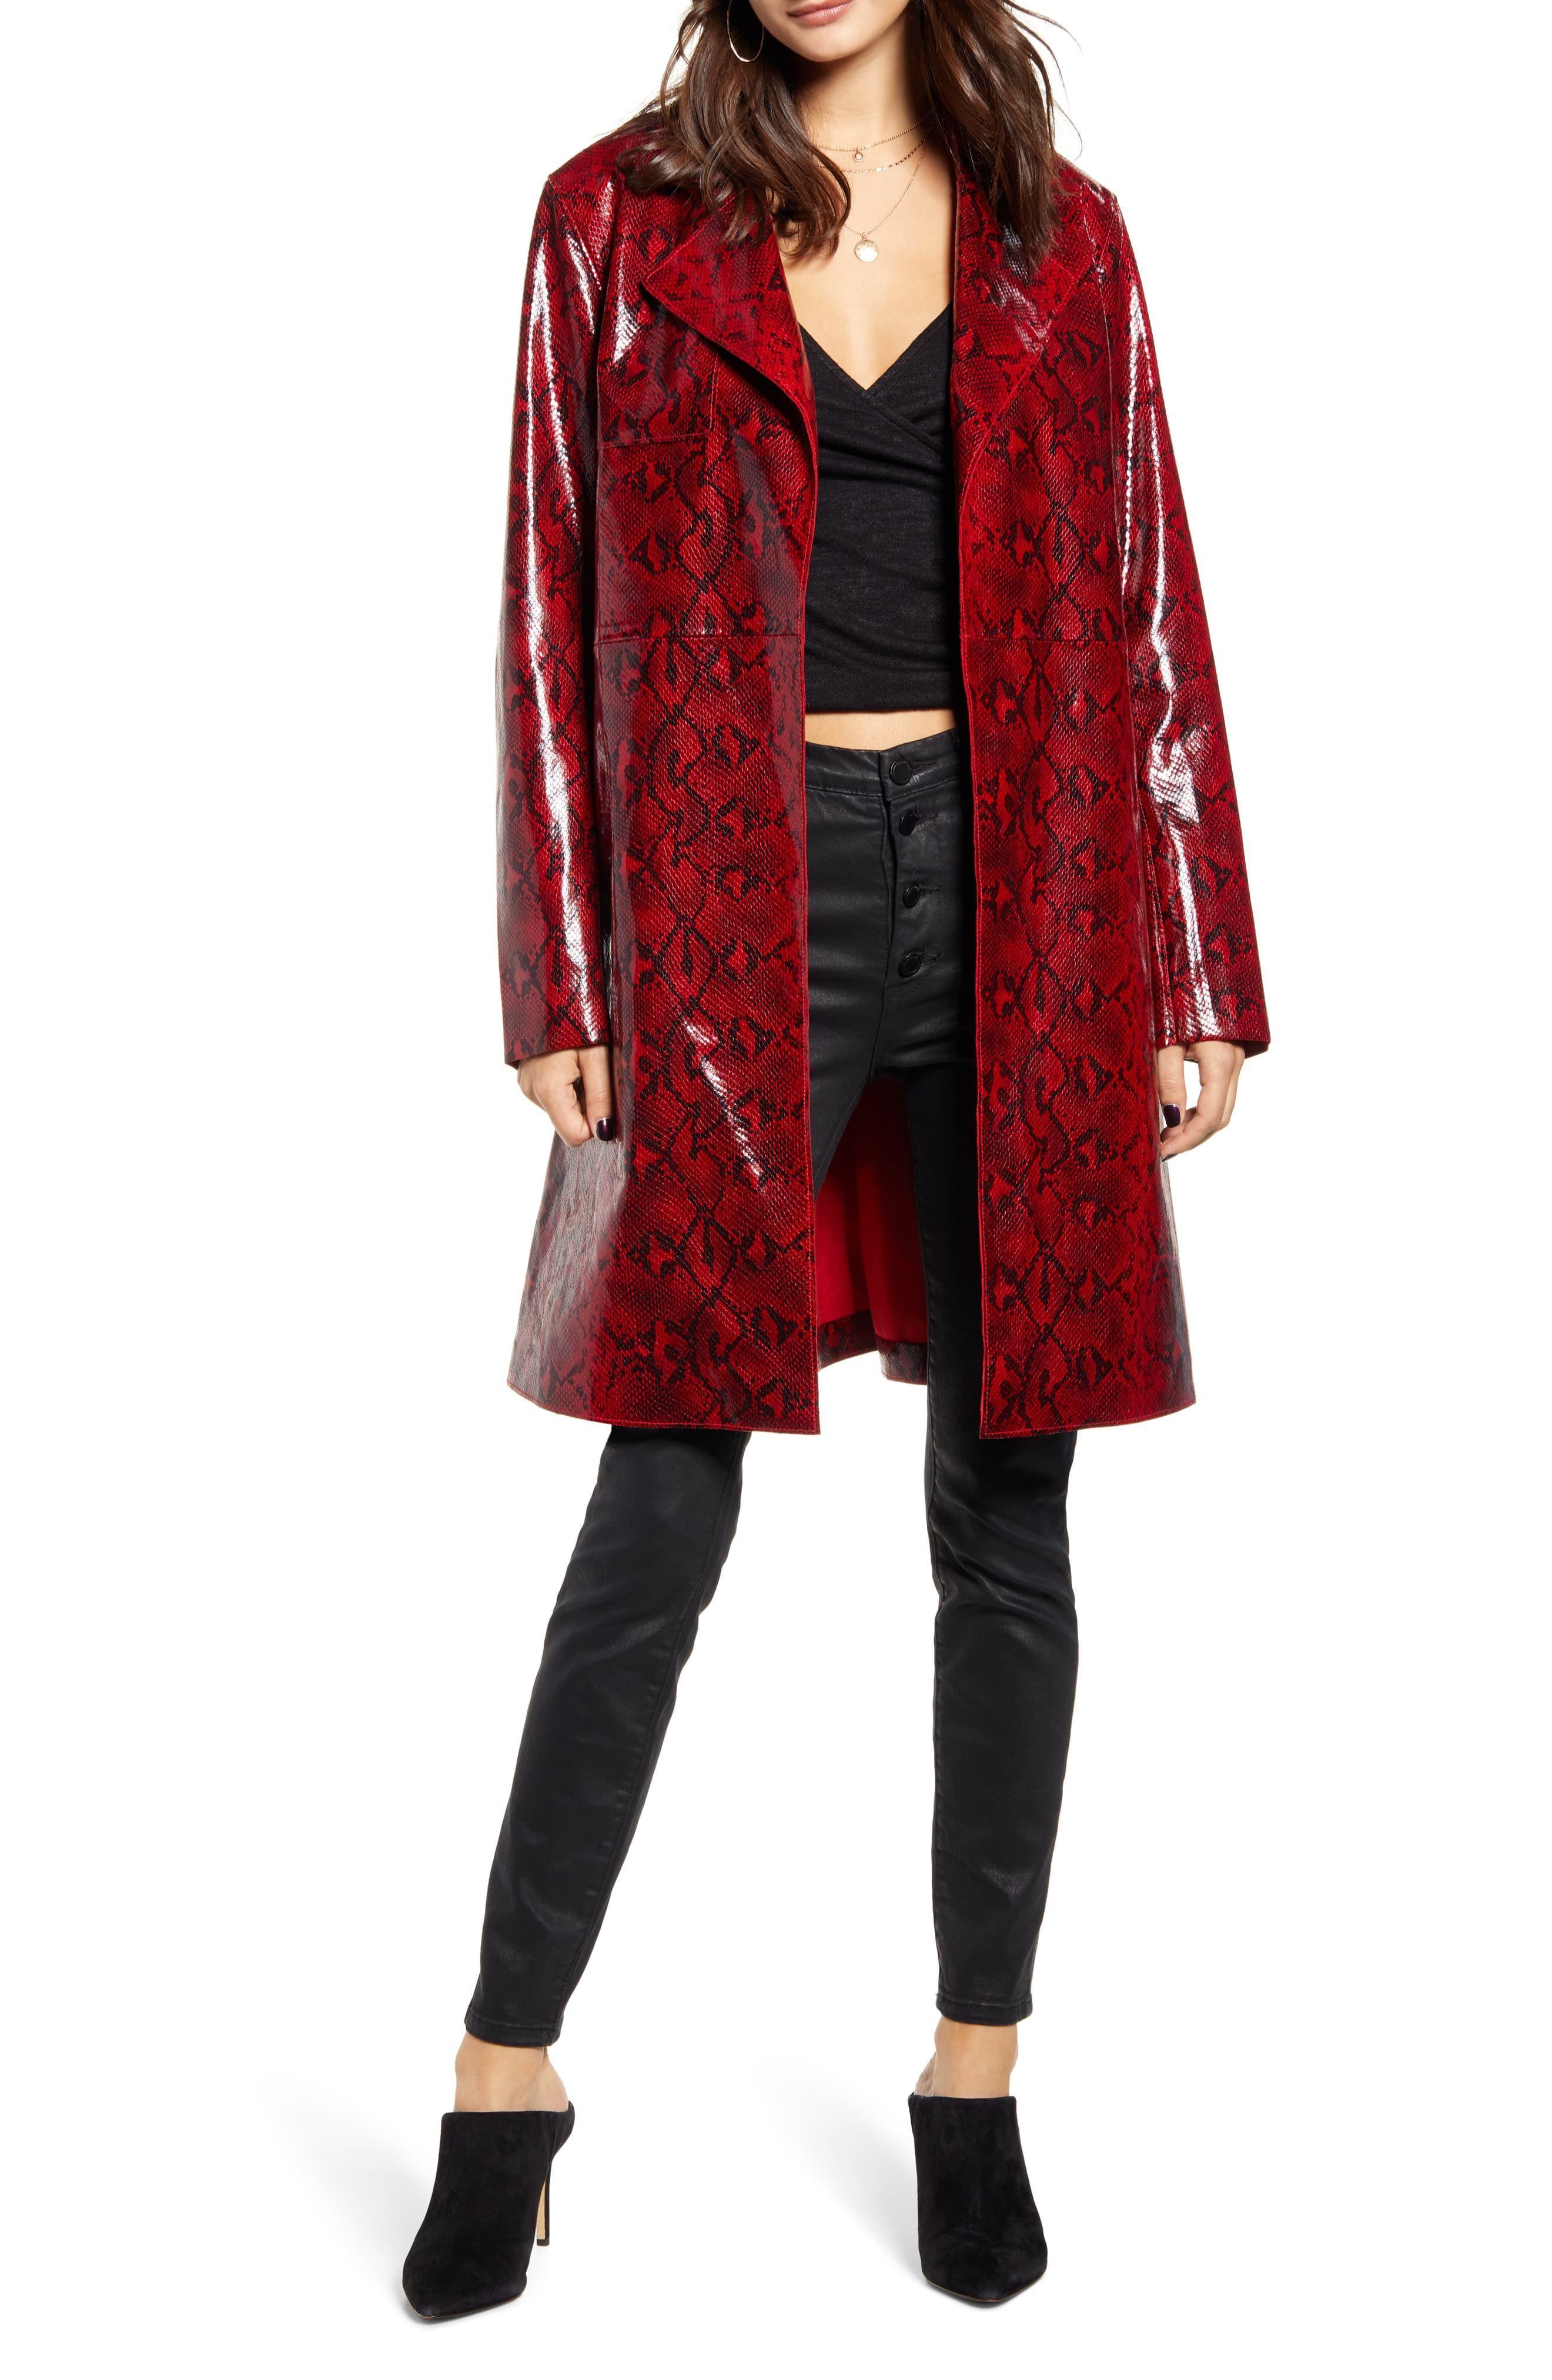 Women's Blanknyc Snakeskin Faux Leather Trench Coat, Size